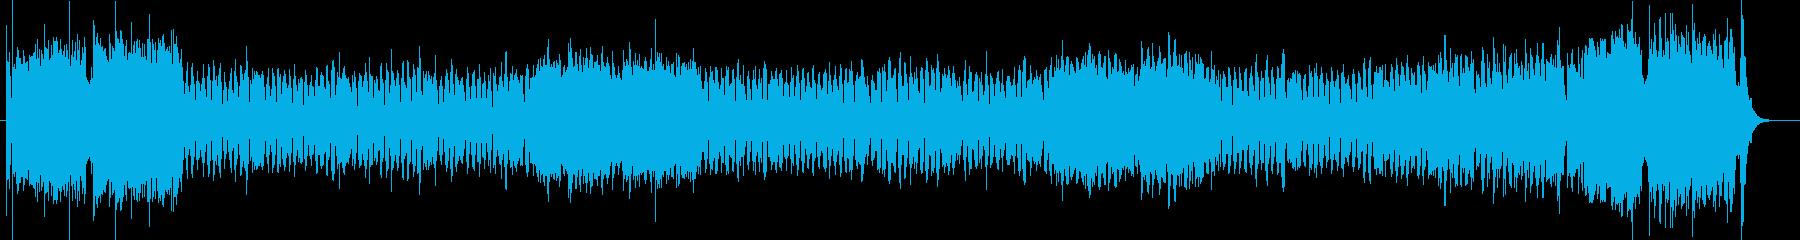 吹奏楽をイメージしたコミカルなインスト曲の再生済みの波形